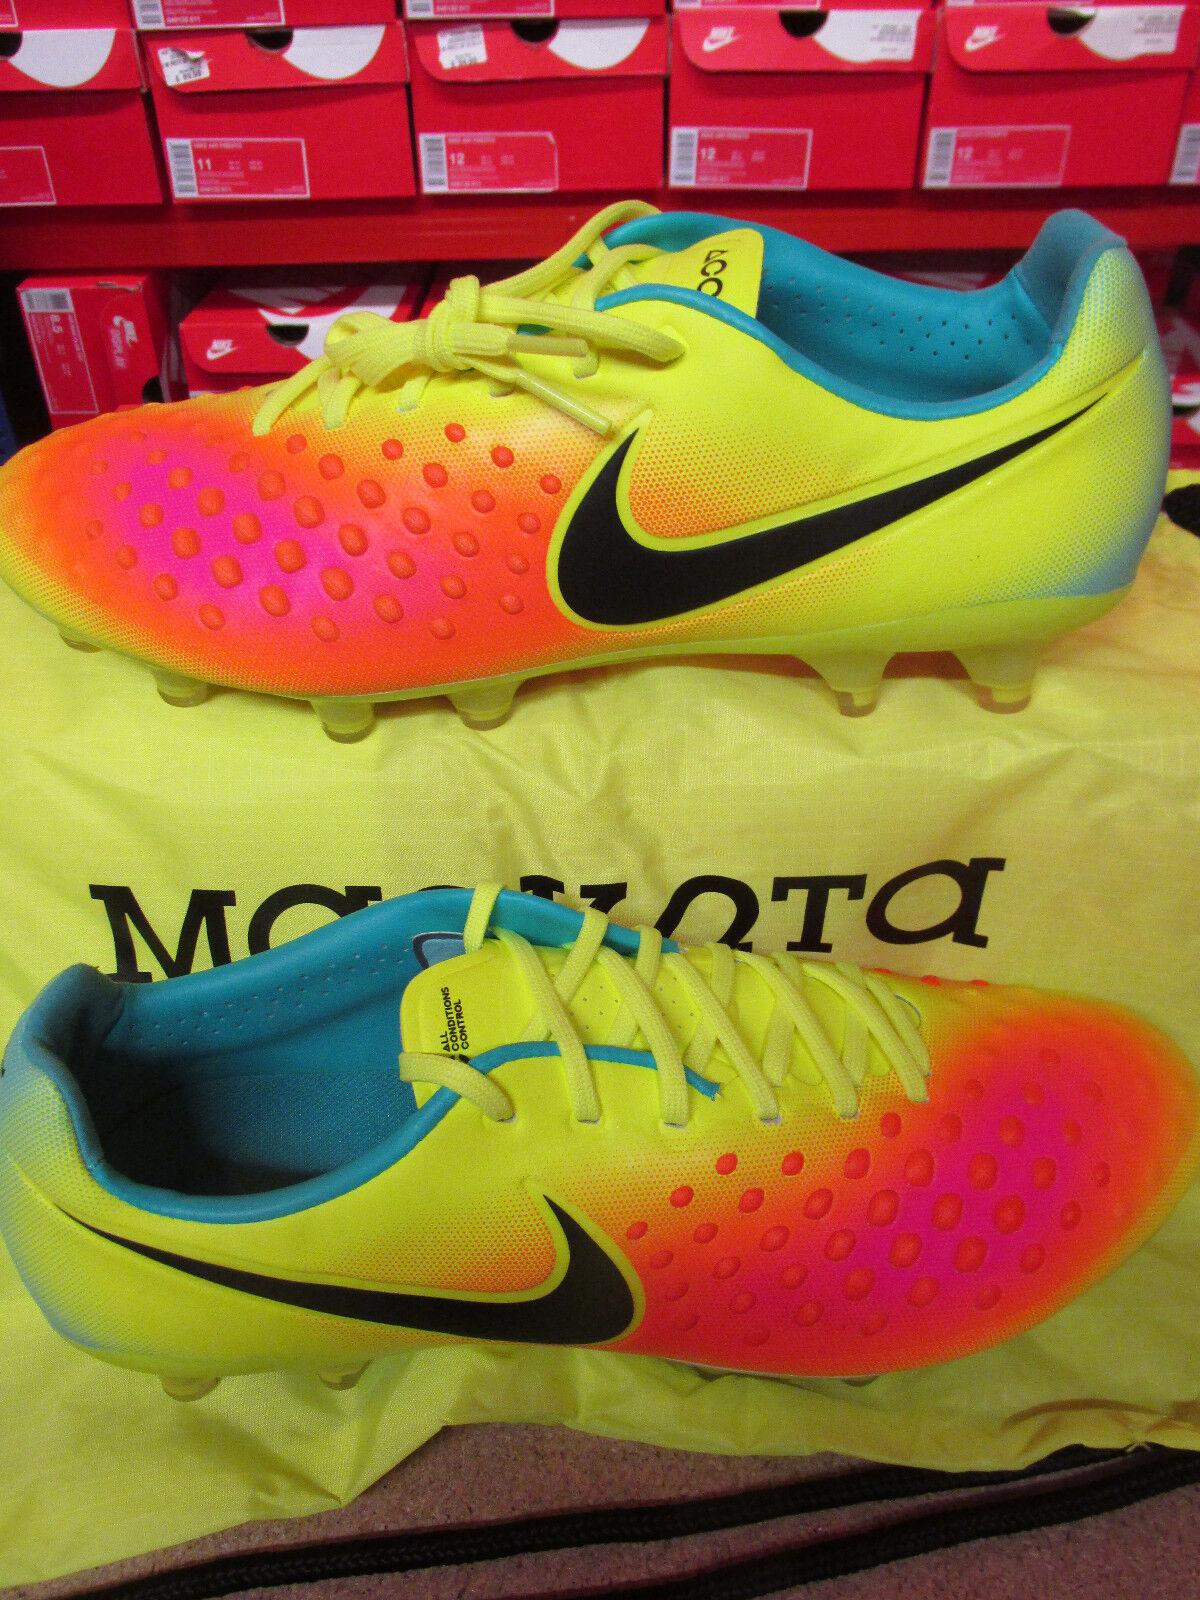 Nike magista opus ii fg botas de de de f ú tbol hombre 843813 708 f ú tbol tacos e2e0da